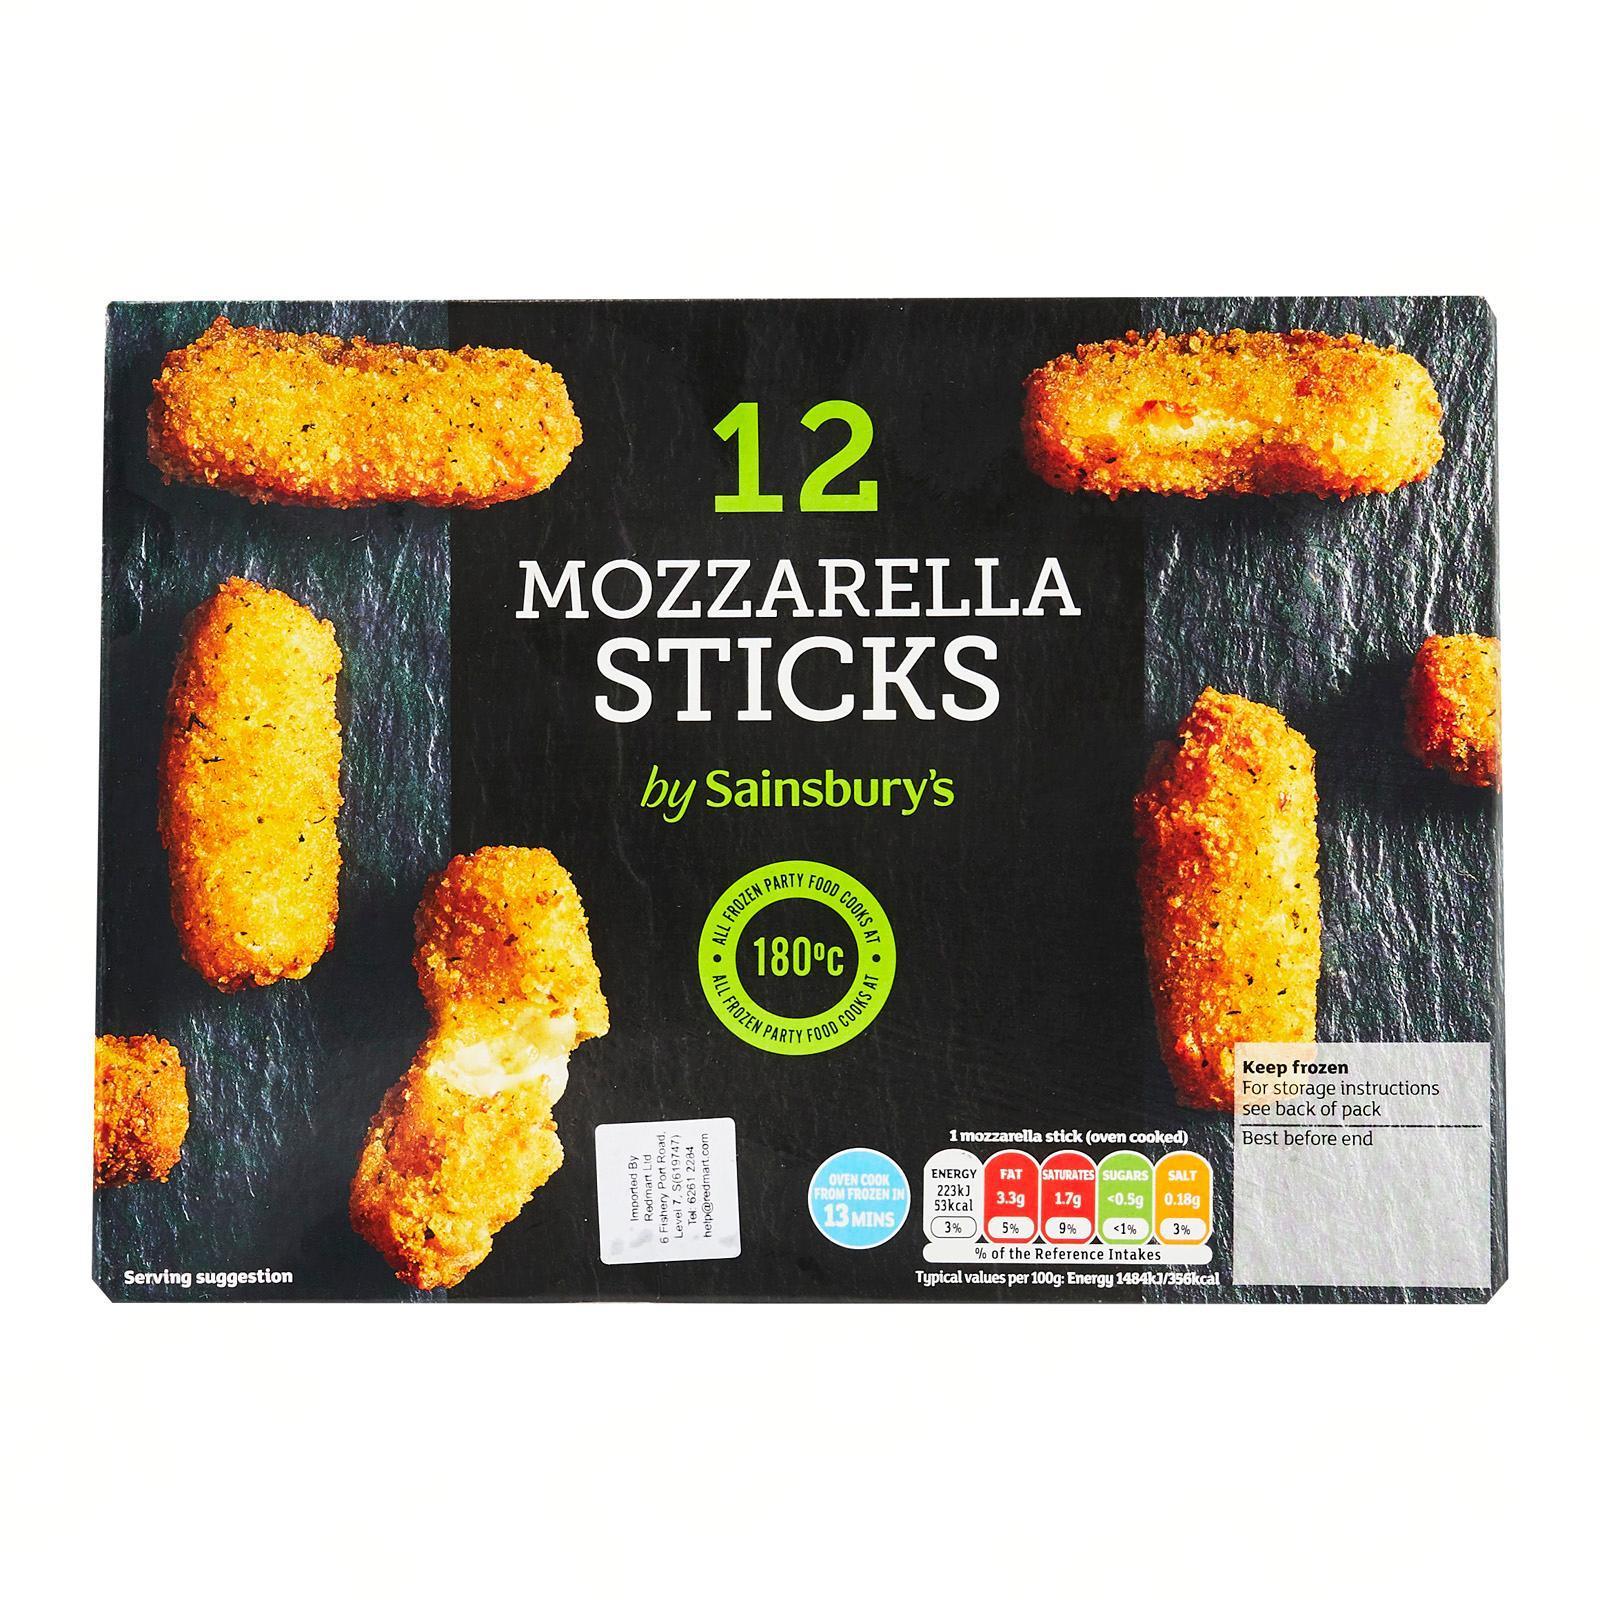 Sainsbury's Mozzarella Cheese Sticks - Frozen